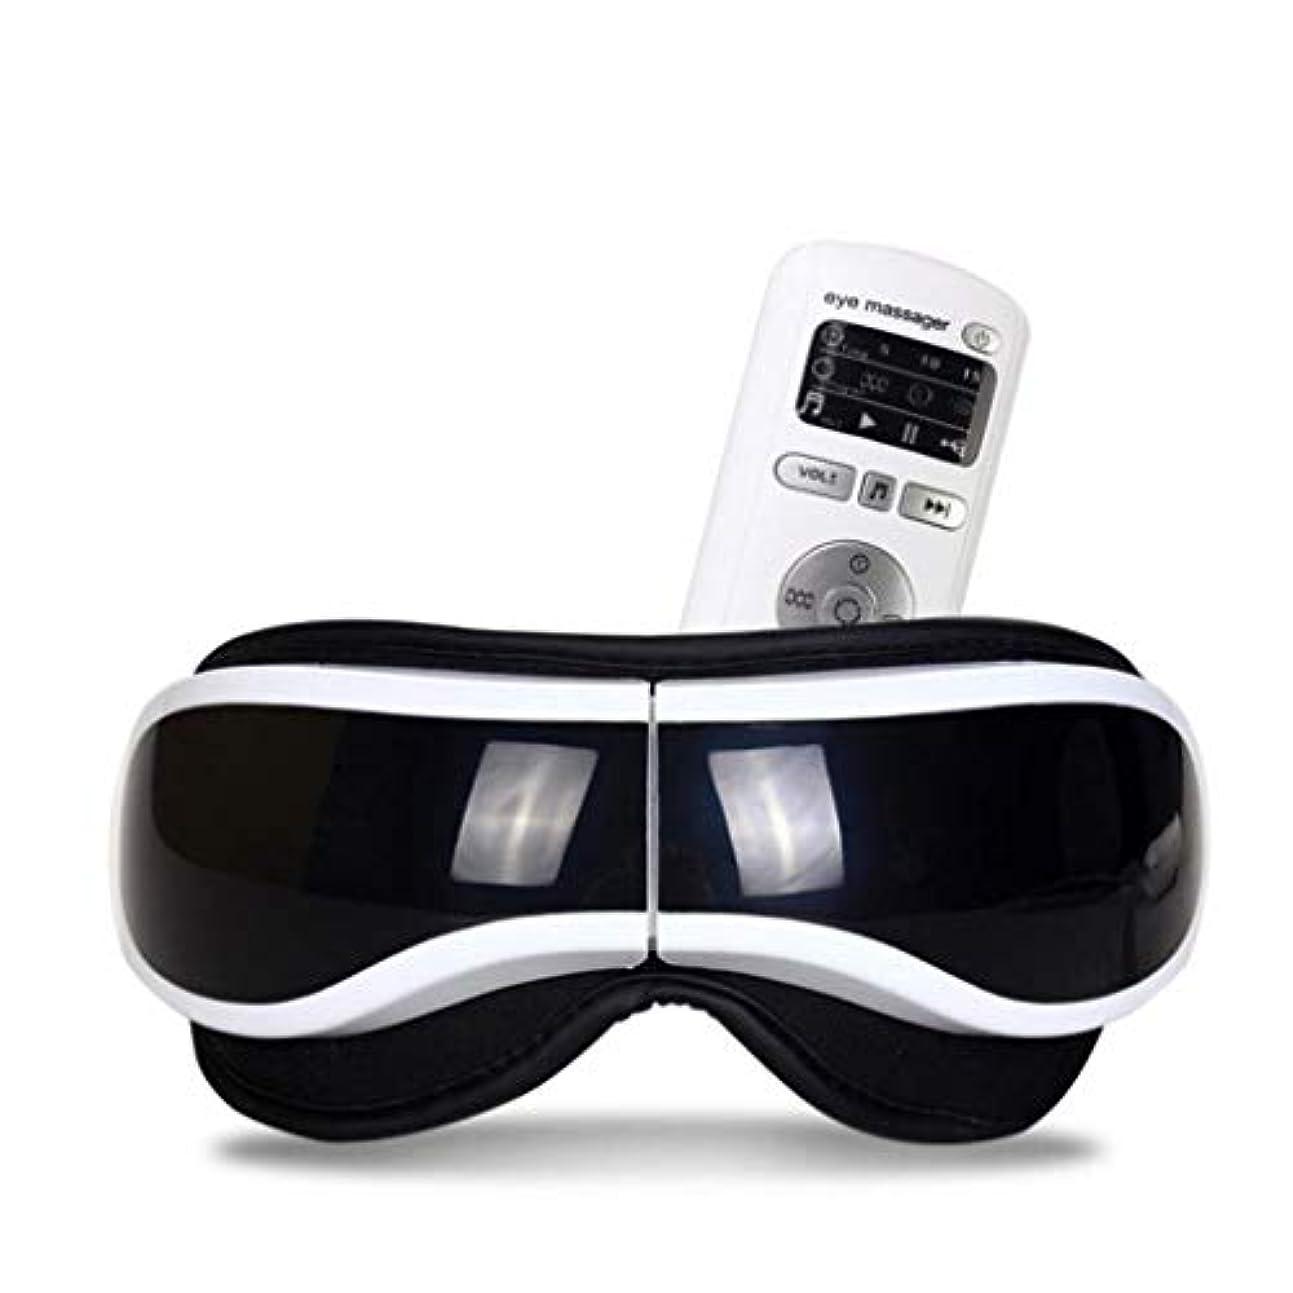 反動百割るアイマッサージャー、折りたたみ式ポータブルUSB充電ワイヤレスエレクトリック、プレスニーディング/加熱/圧縮/振動/音楽マルチモード、目をリラックス、疲労と痛みを和らげ、睡眠を促進